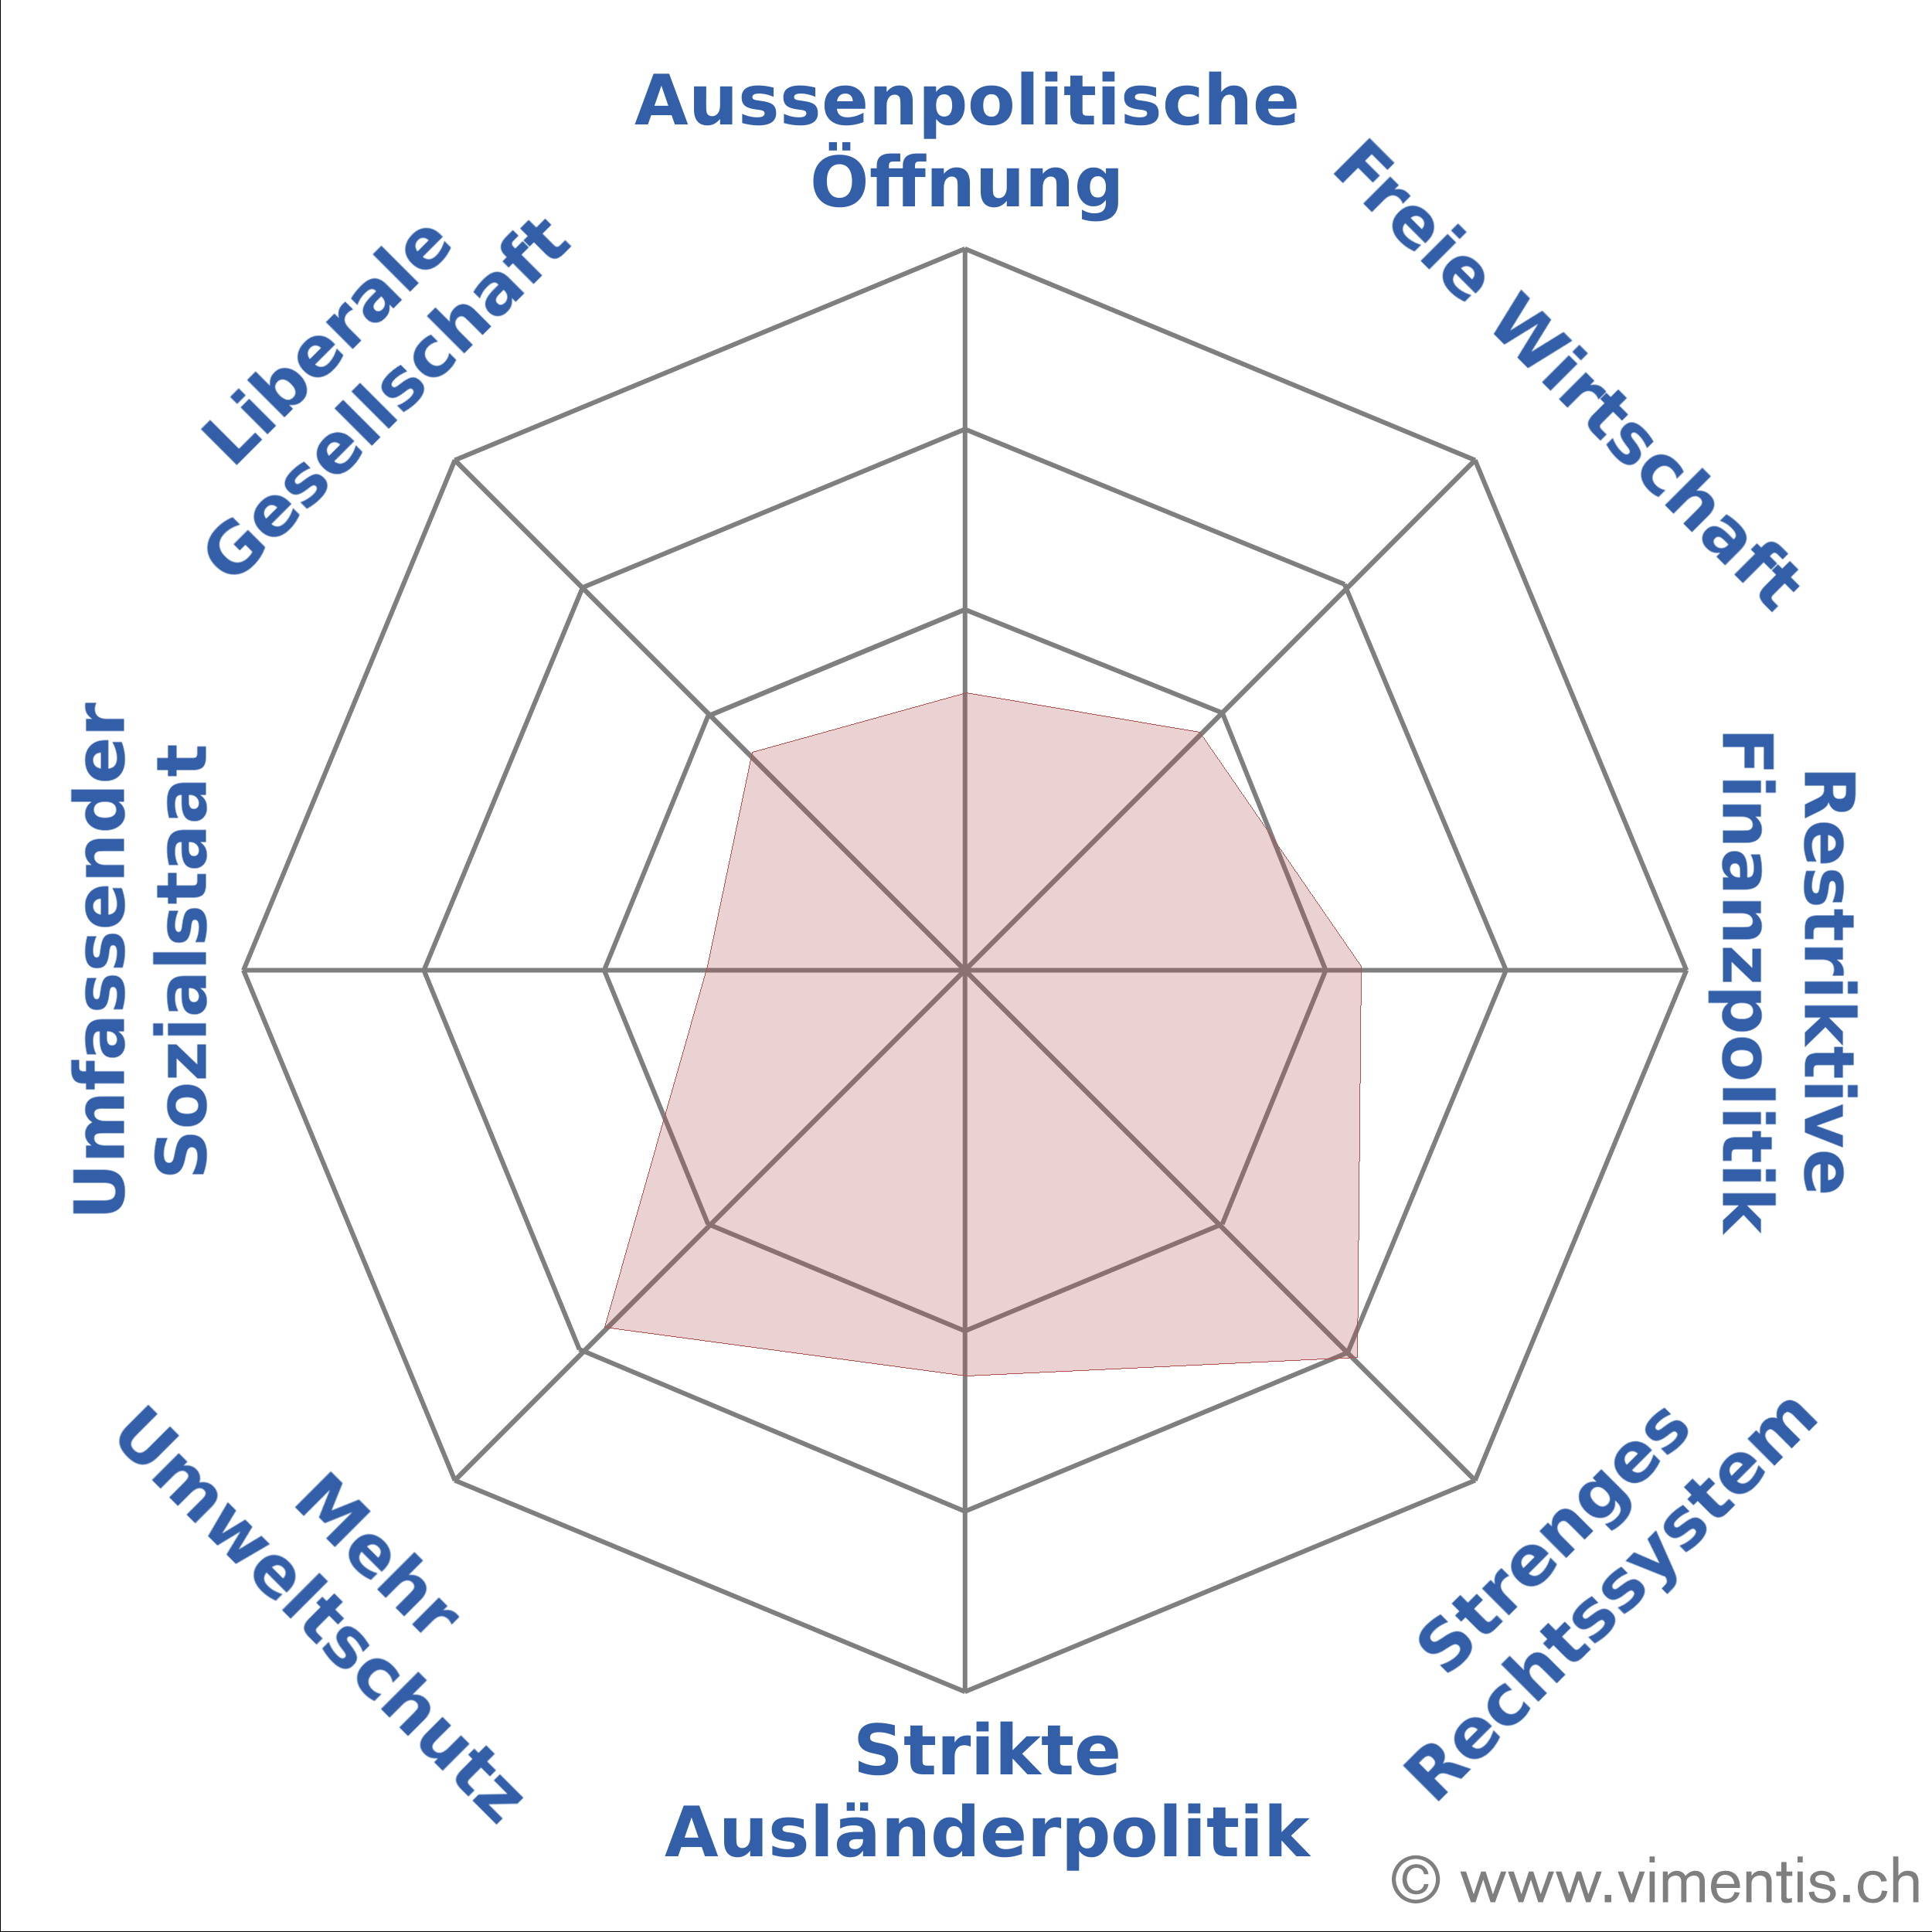 Ich Reich der Mitte: Das politische Profil von Ständerat Konrad Graber.